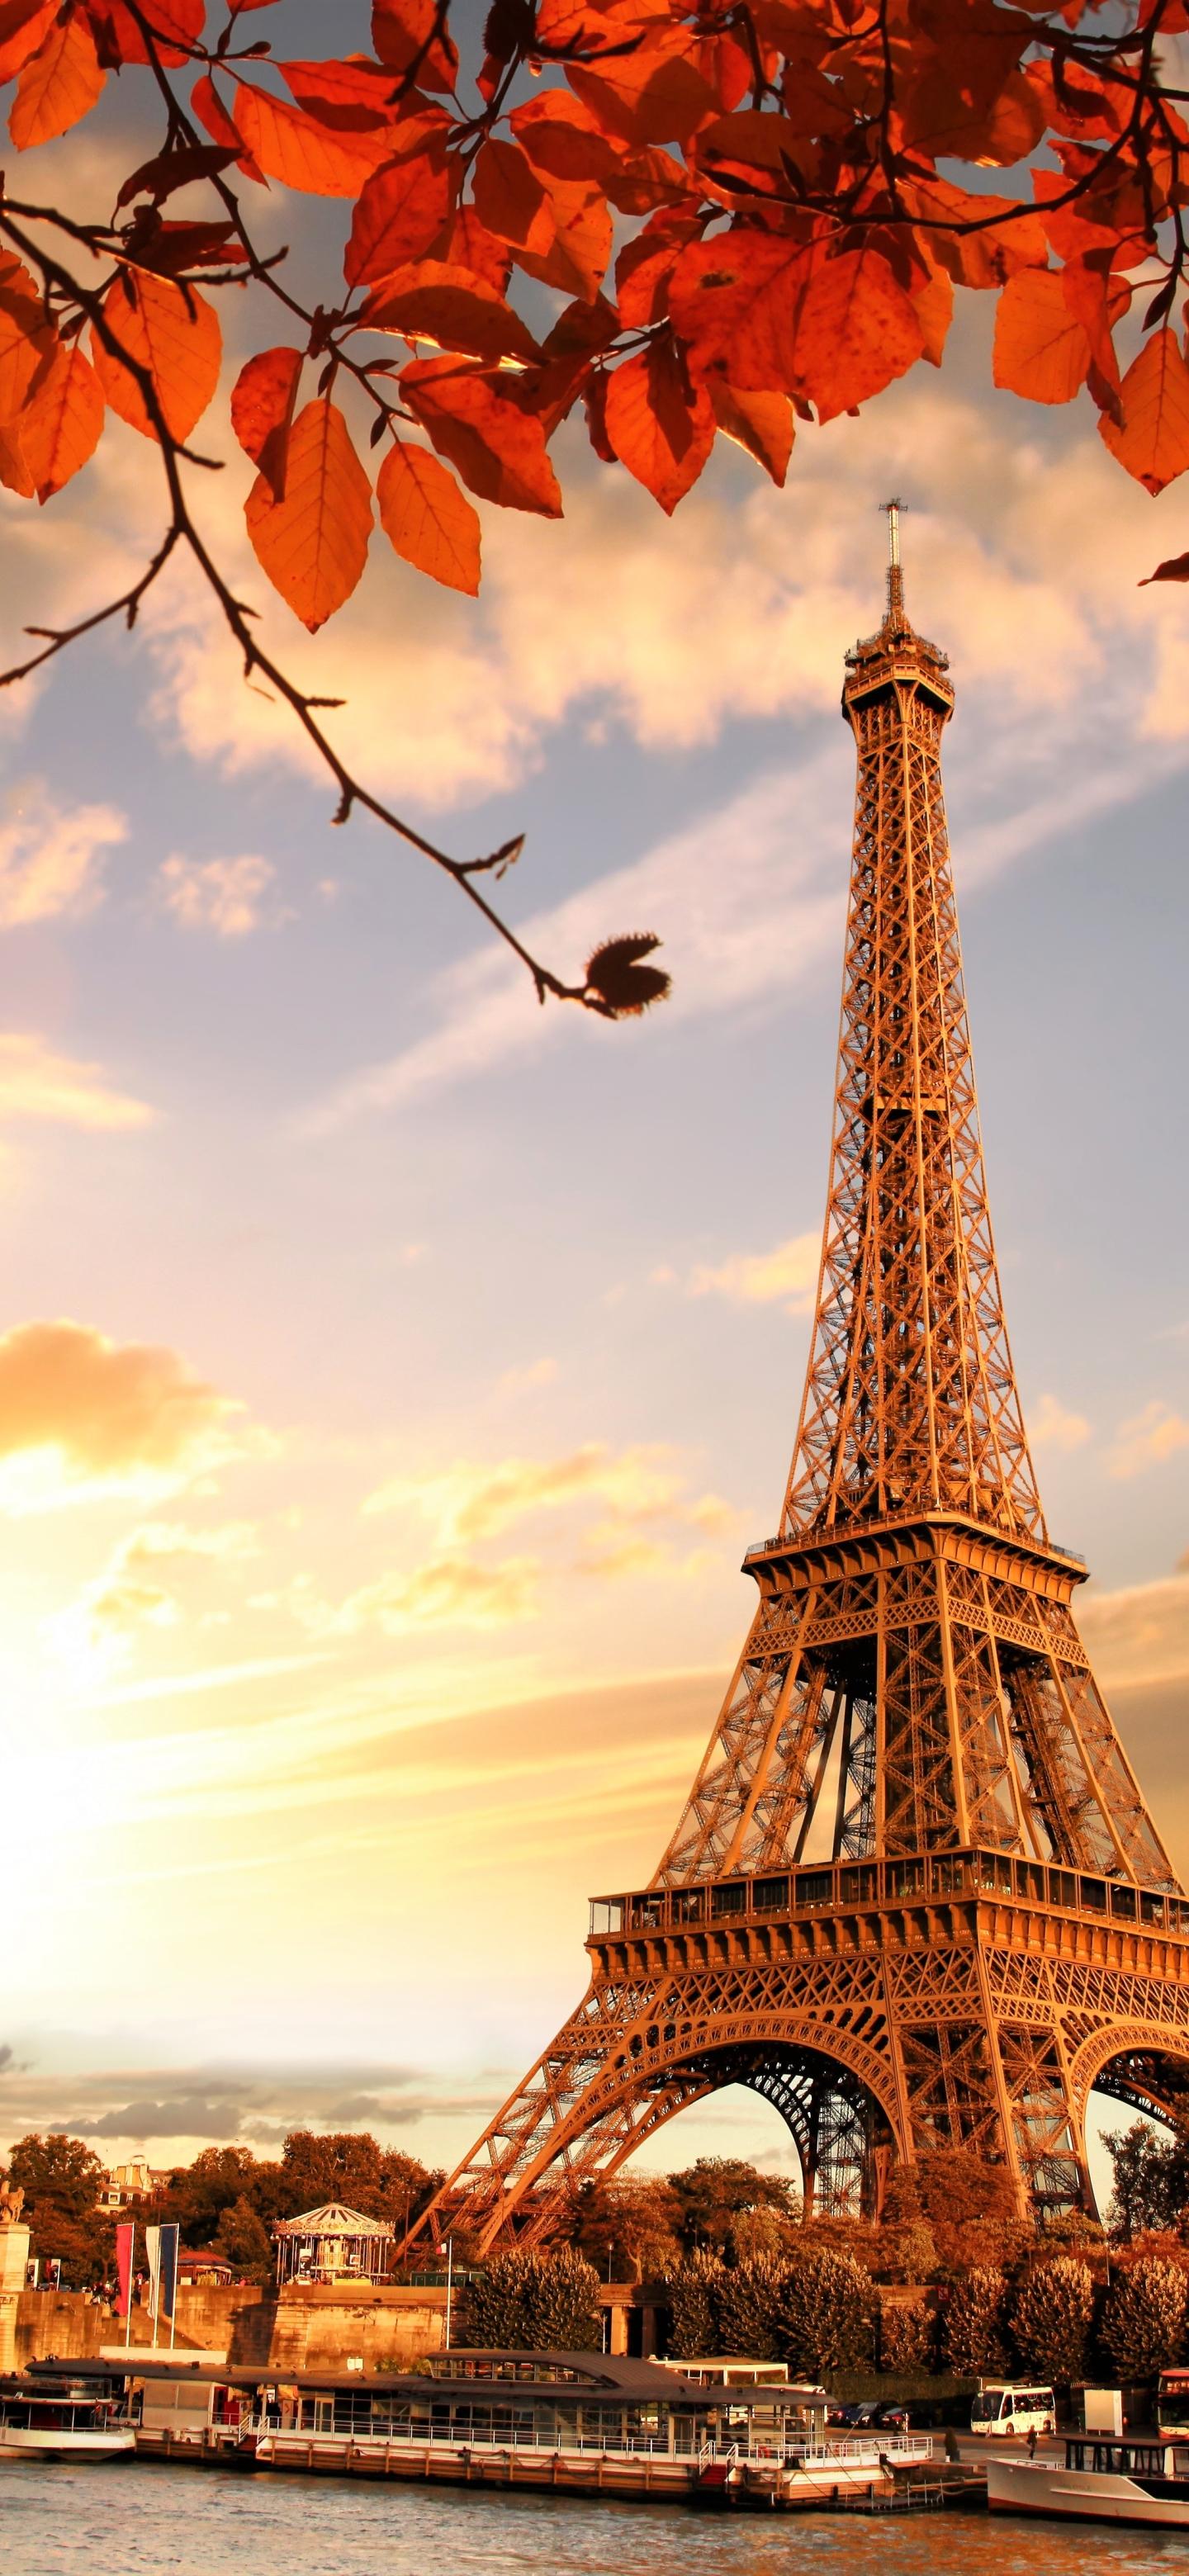 1440x3120 Eiffel Tower In Autumn France Paris Fall 1440x3120